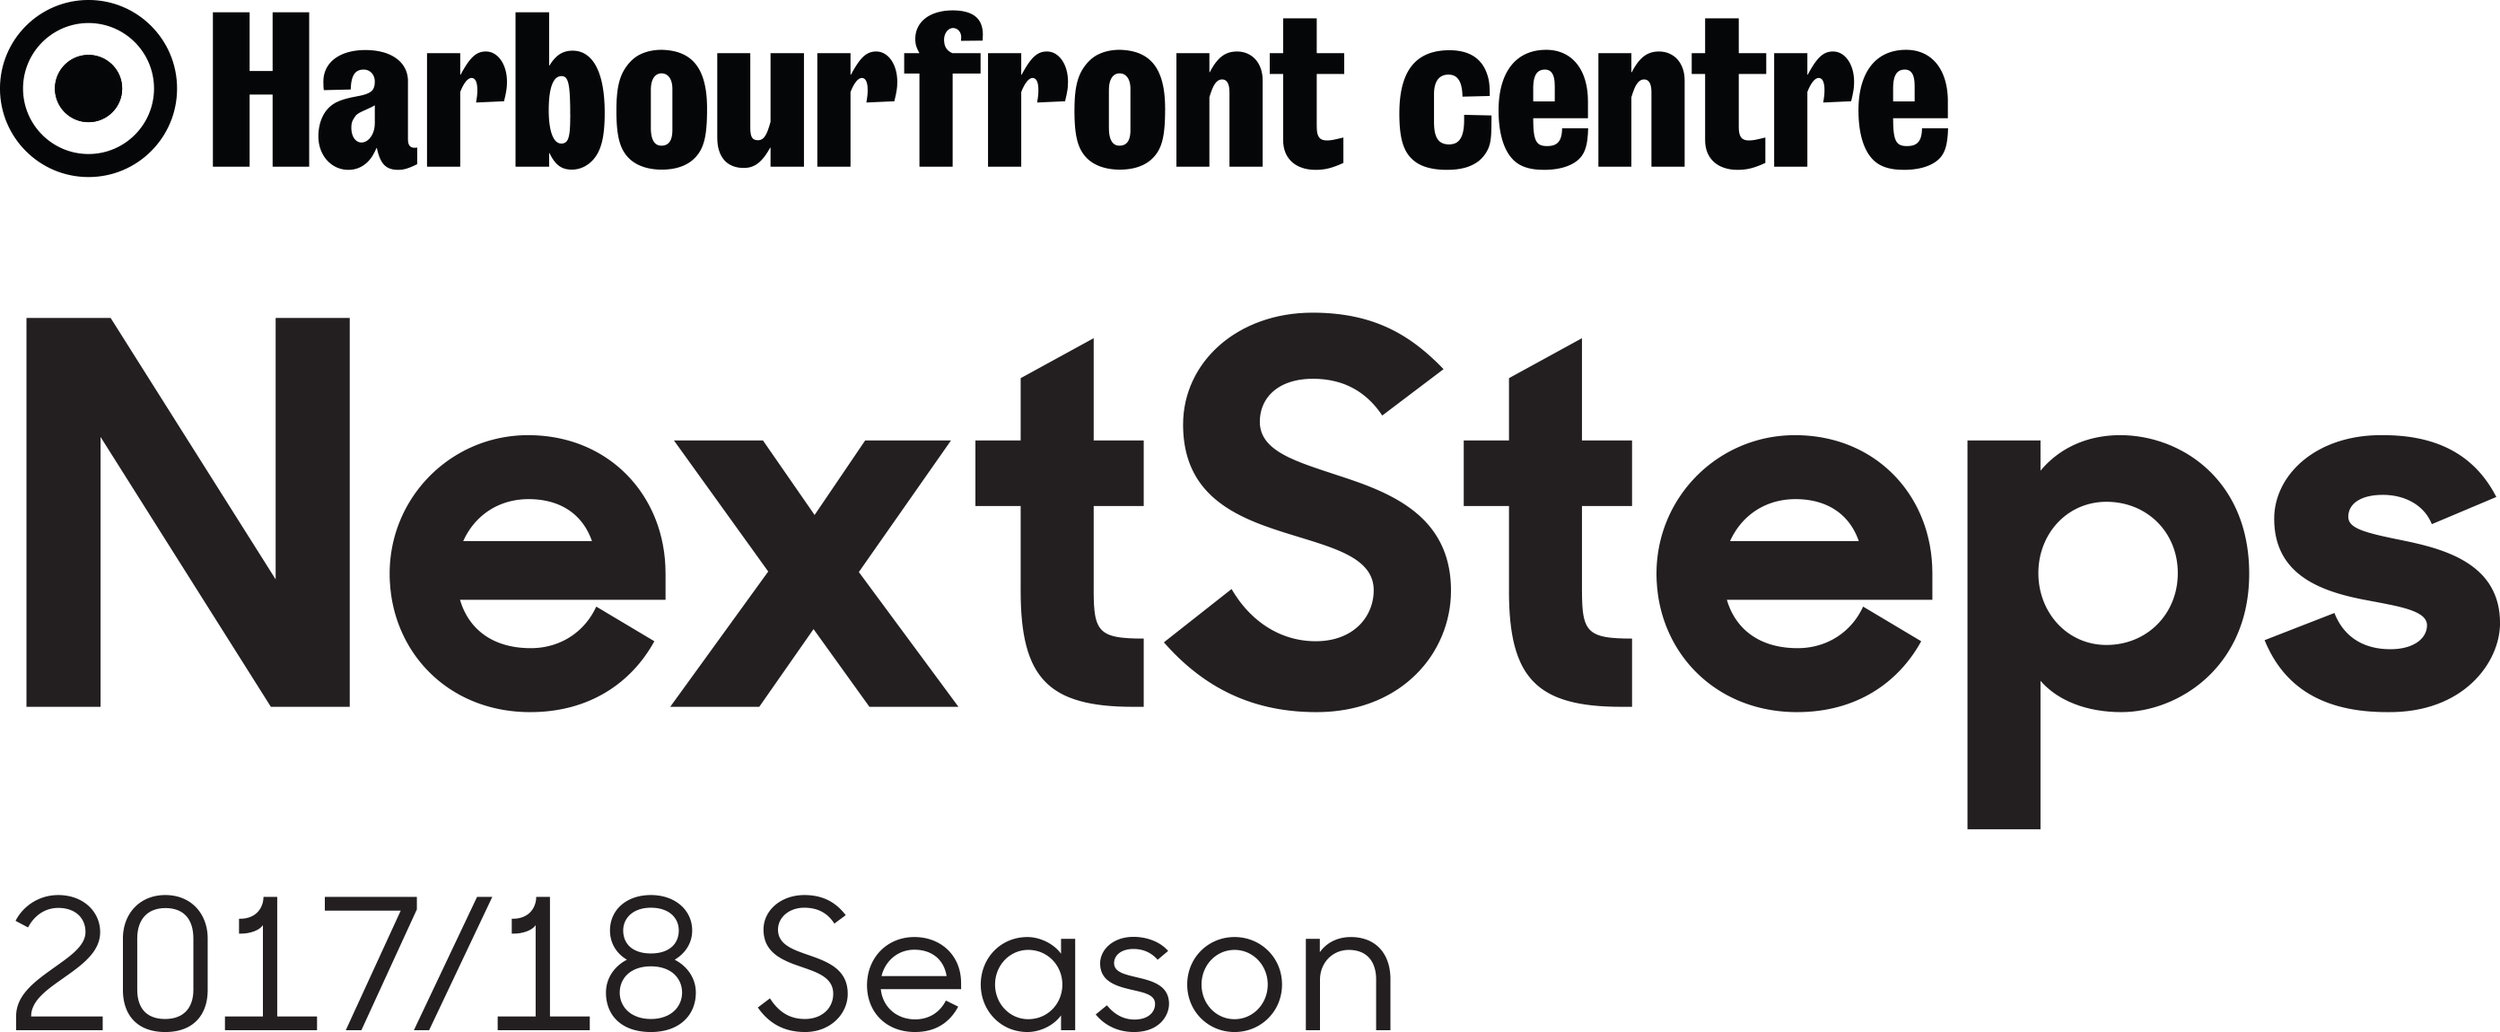 Harbourfront Centre NextSteps Logo black on white.jpg